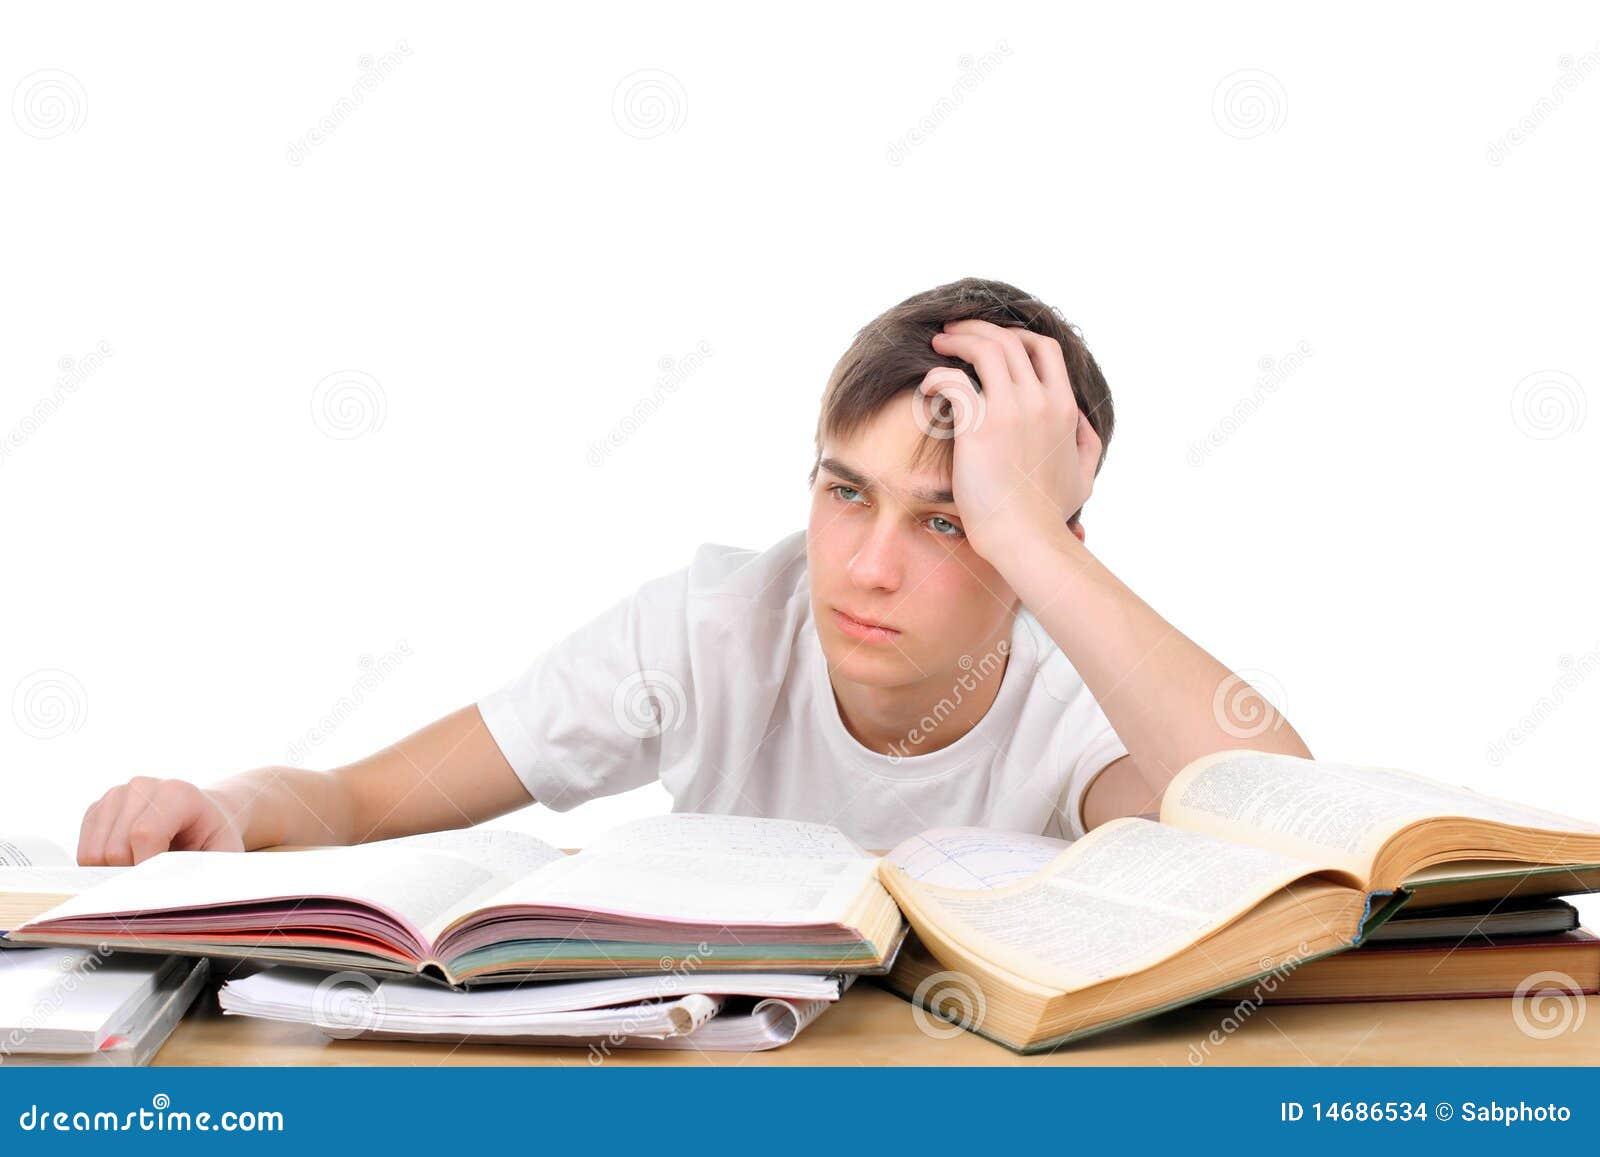 Zanudzający uczeń